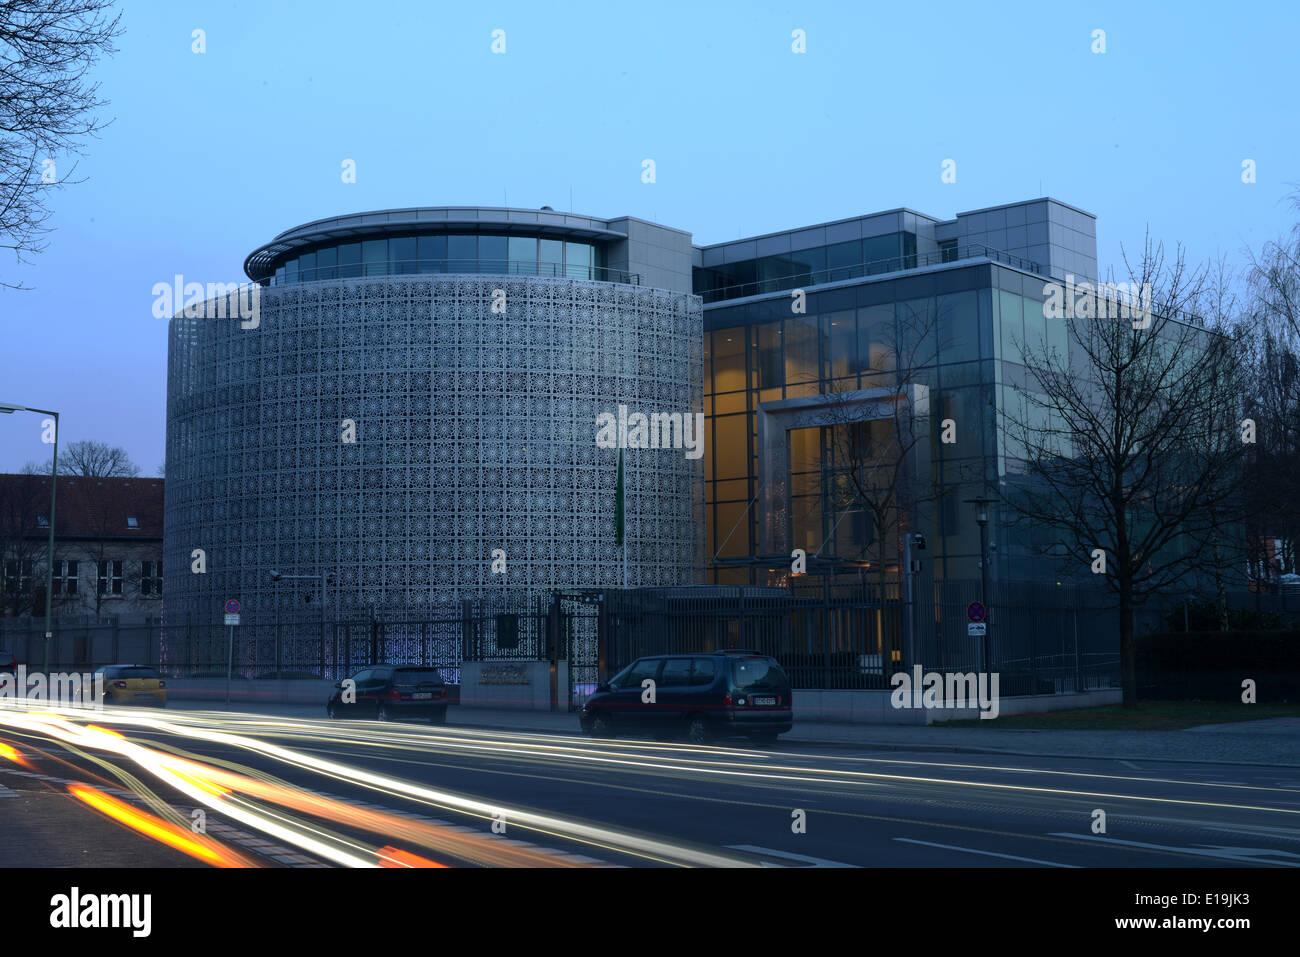 Botschaft Saudi Arabien, Tiergartenstrasse, Tiergarten di Berlino, Deutschland Immagini Stock